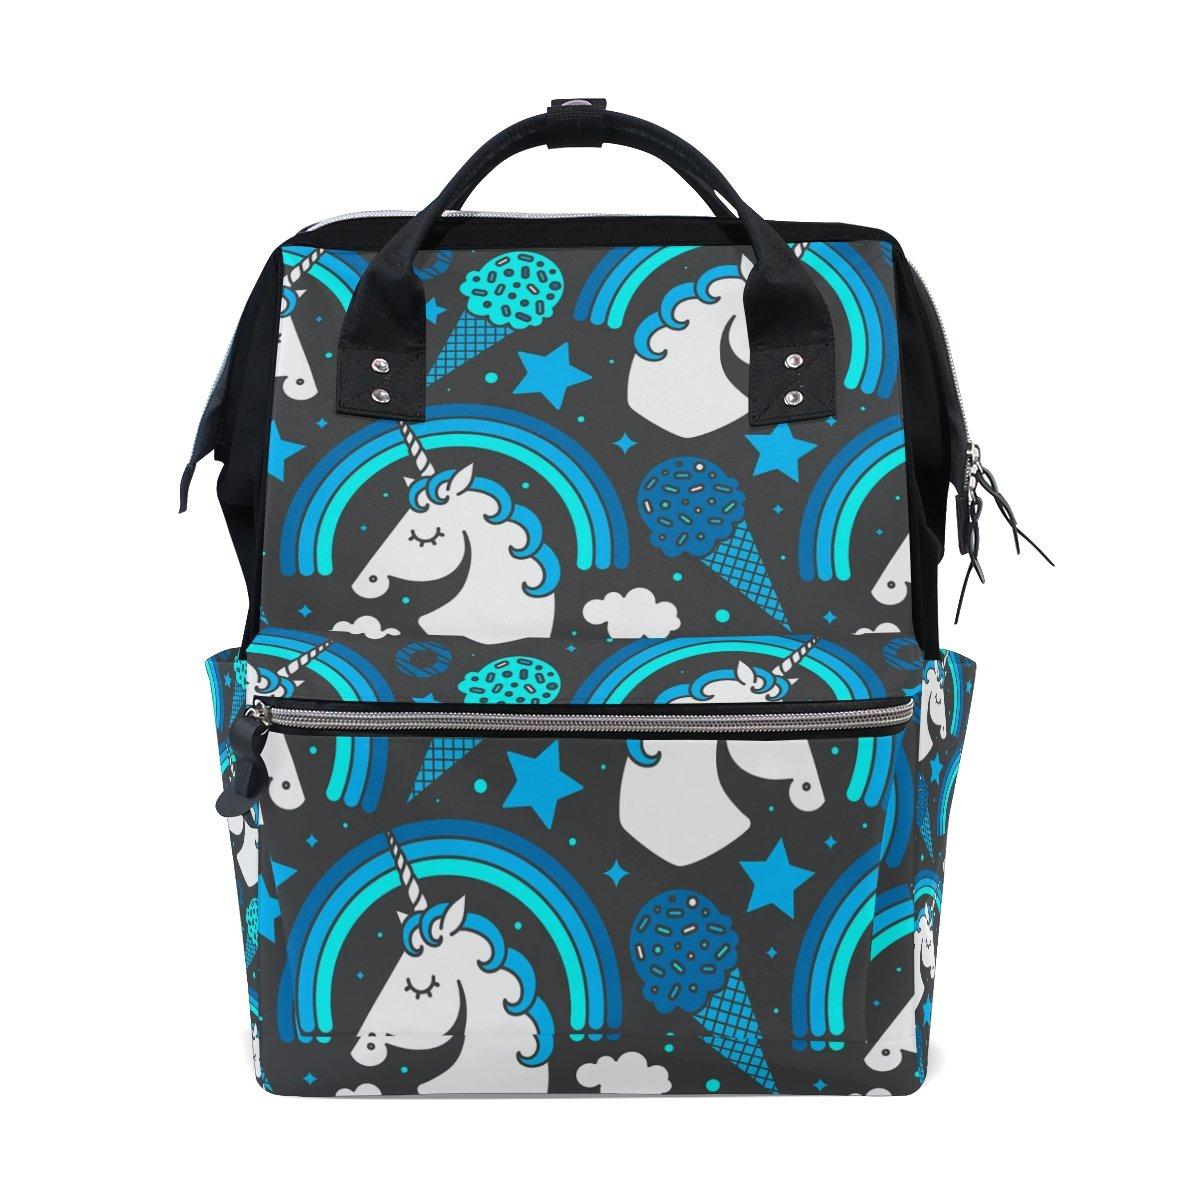 学校バックパック、防水ラップトップバッグユニコーン印刷デザインDaypack for旅行、ママと学校バッグ B07DJ9XGBQ